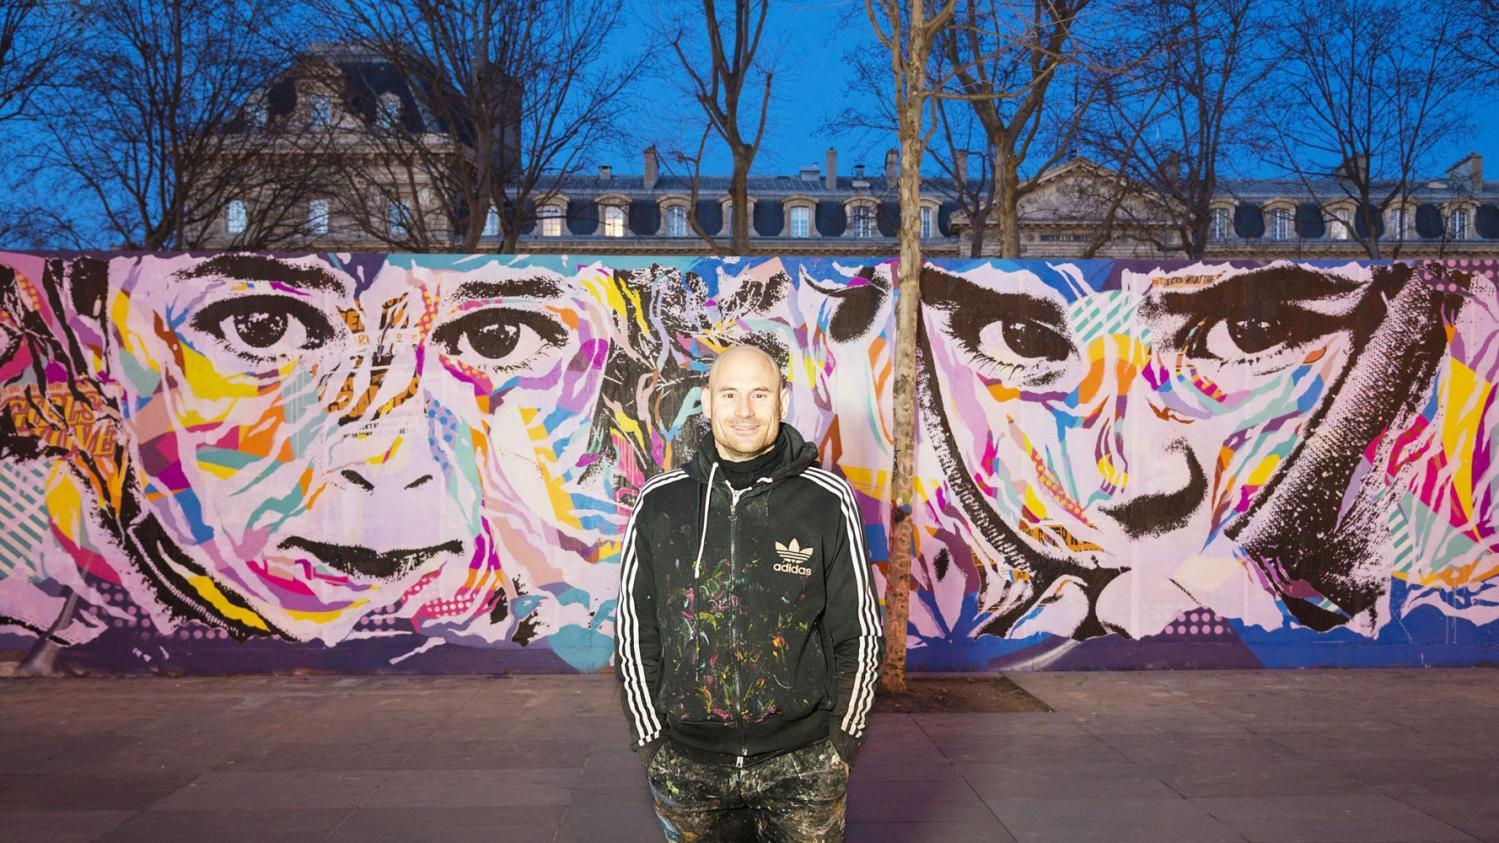 Signe Bona Street Les Di Une Fresque Pour À République ArtJo DWYE2bHe9I